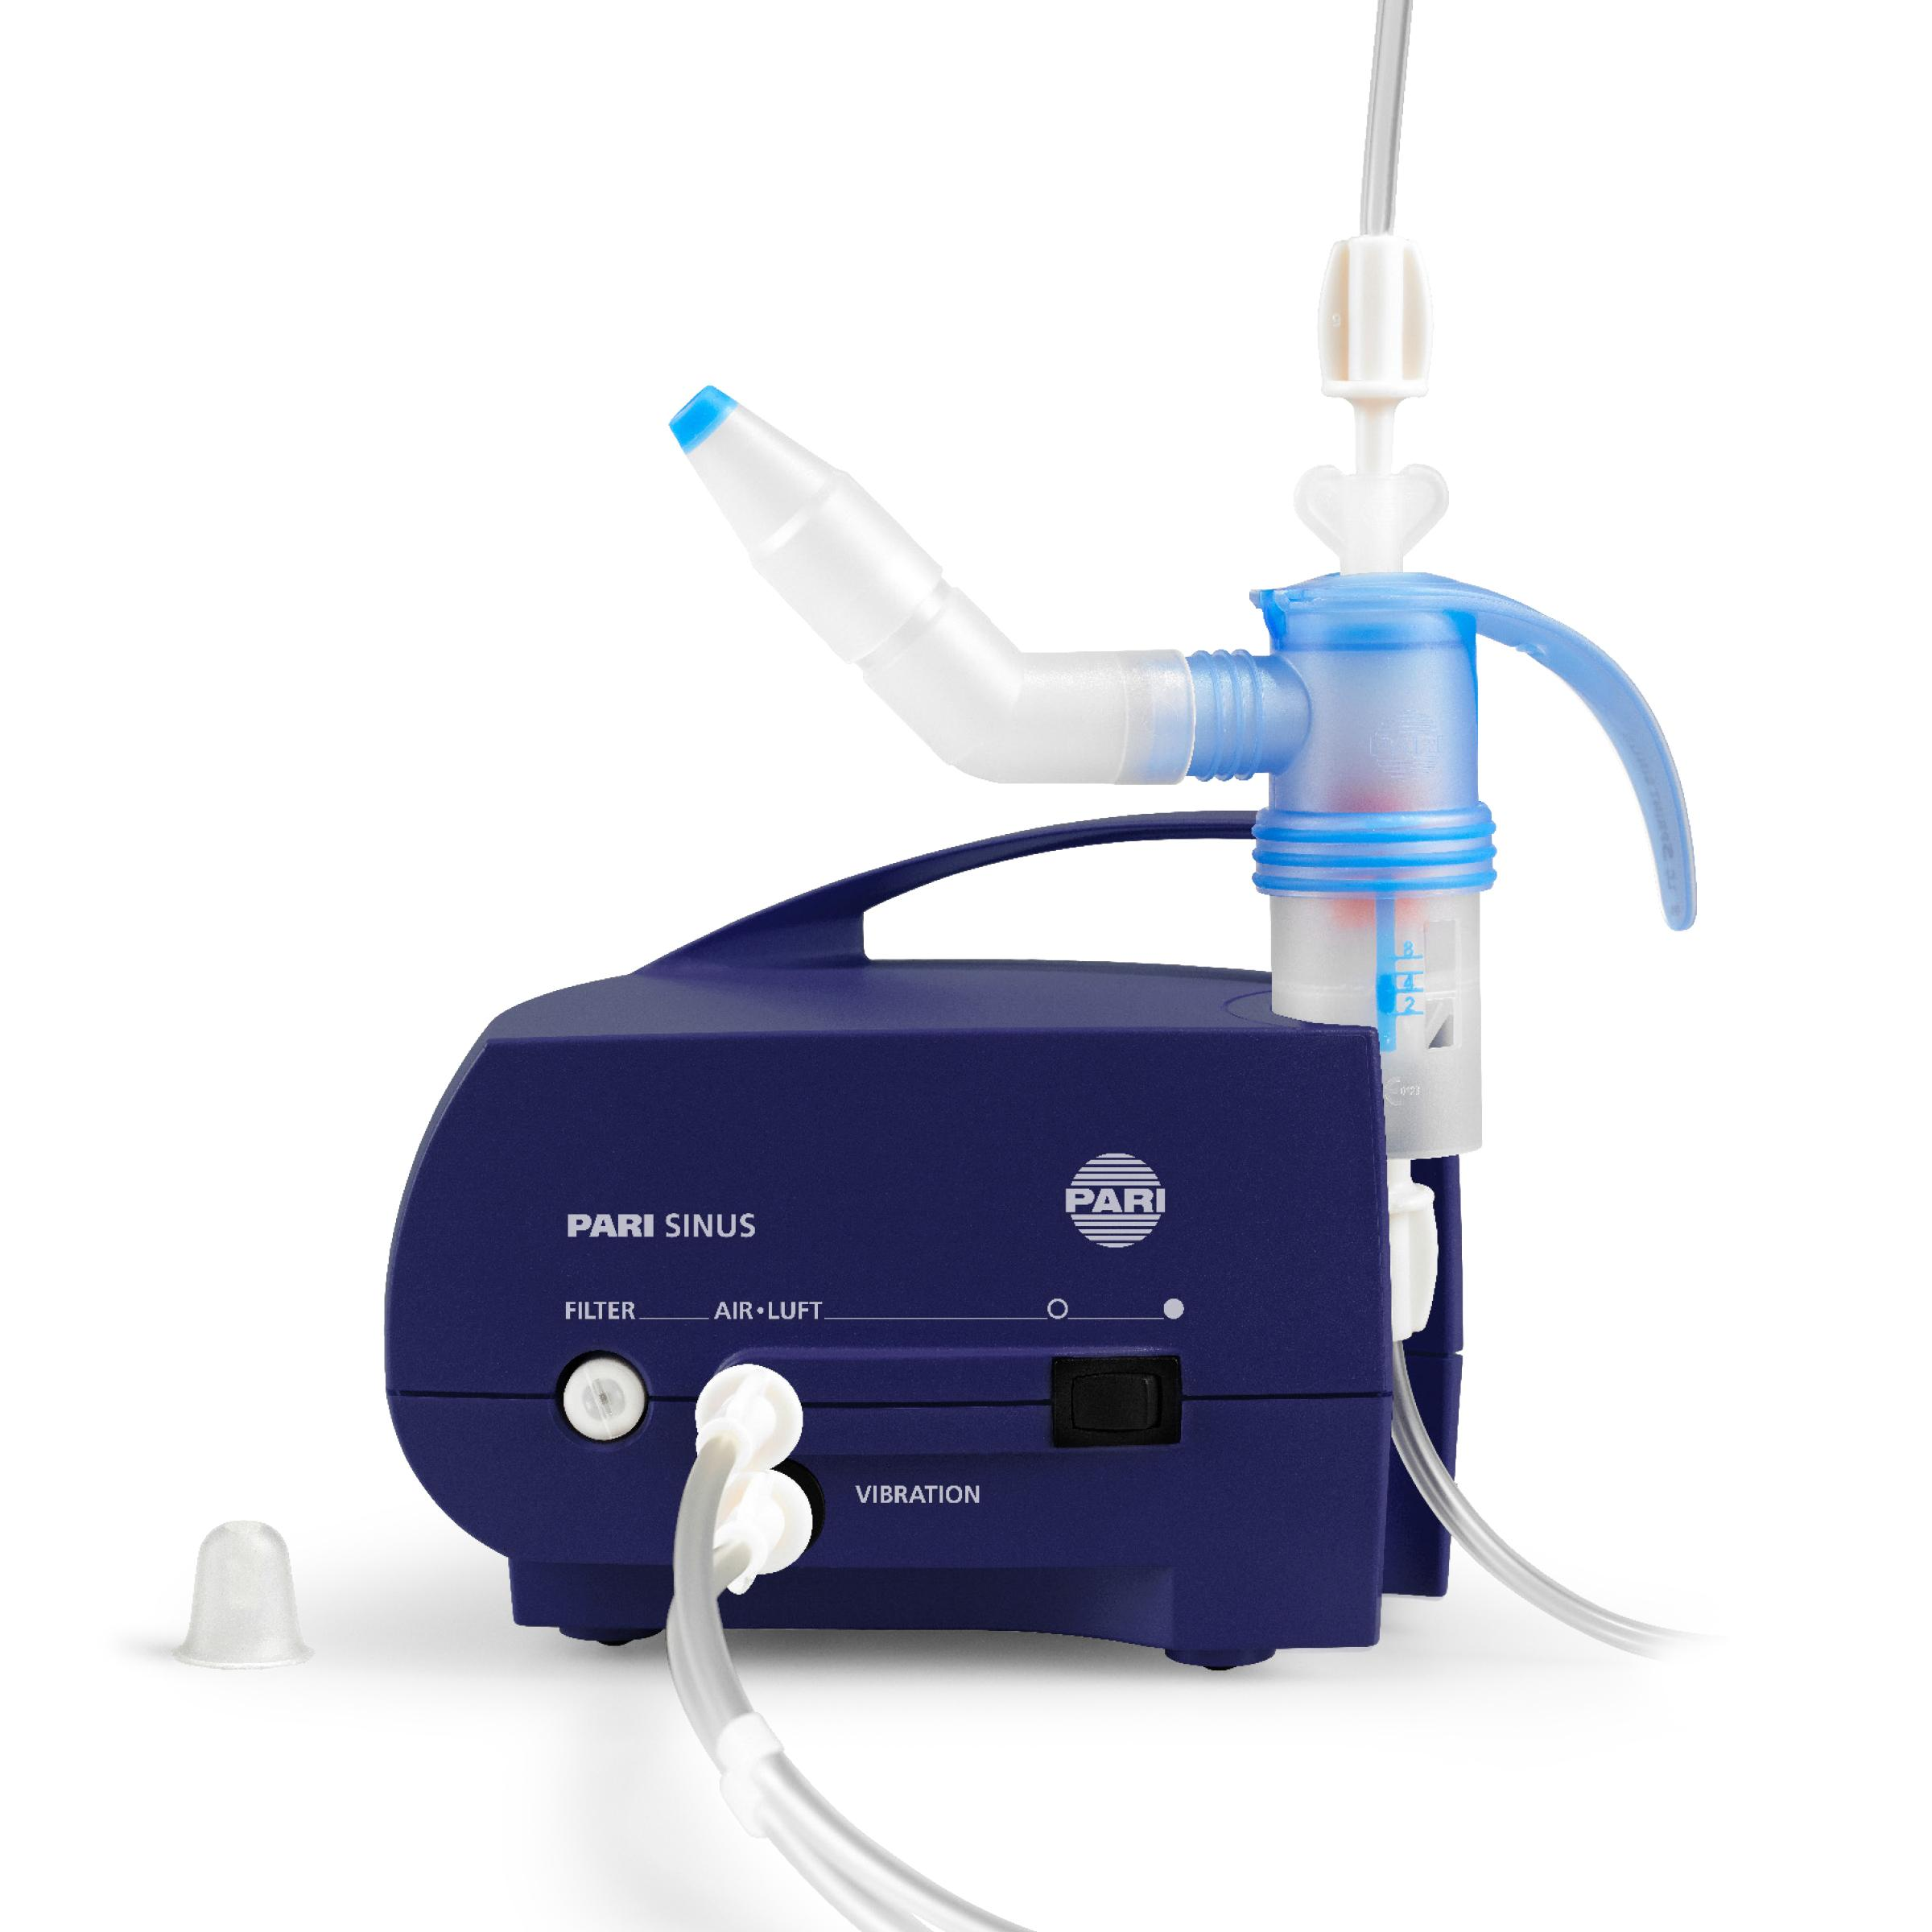 Pari Sinus Pulsierendes Aerosol Inhalationsgerät für die